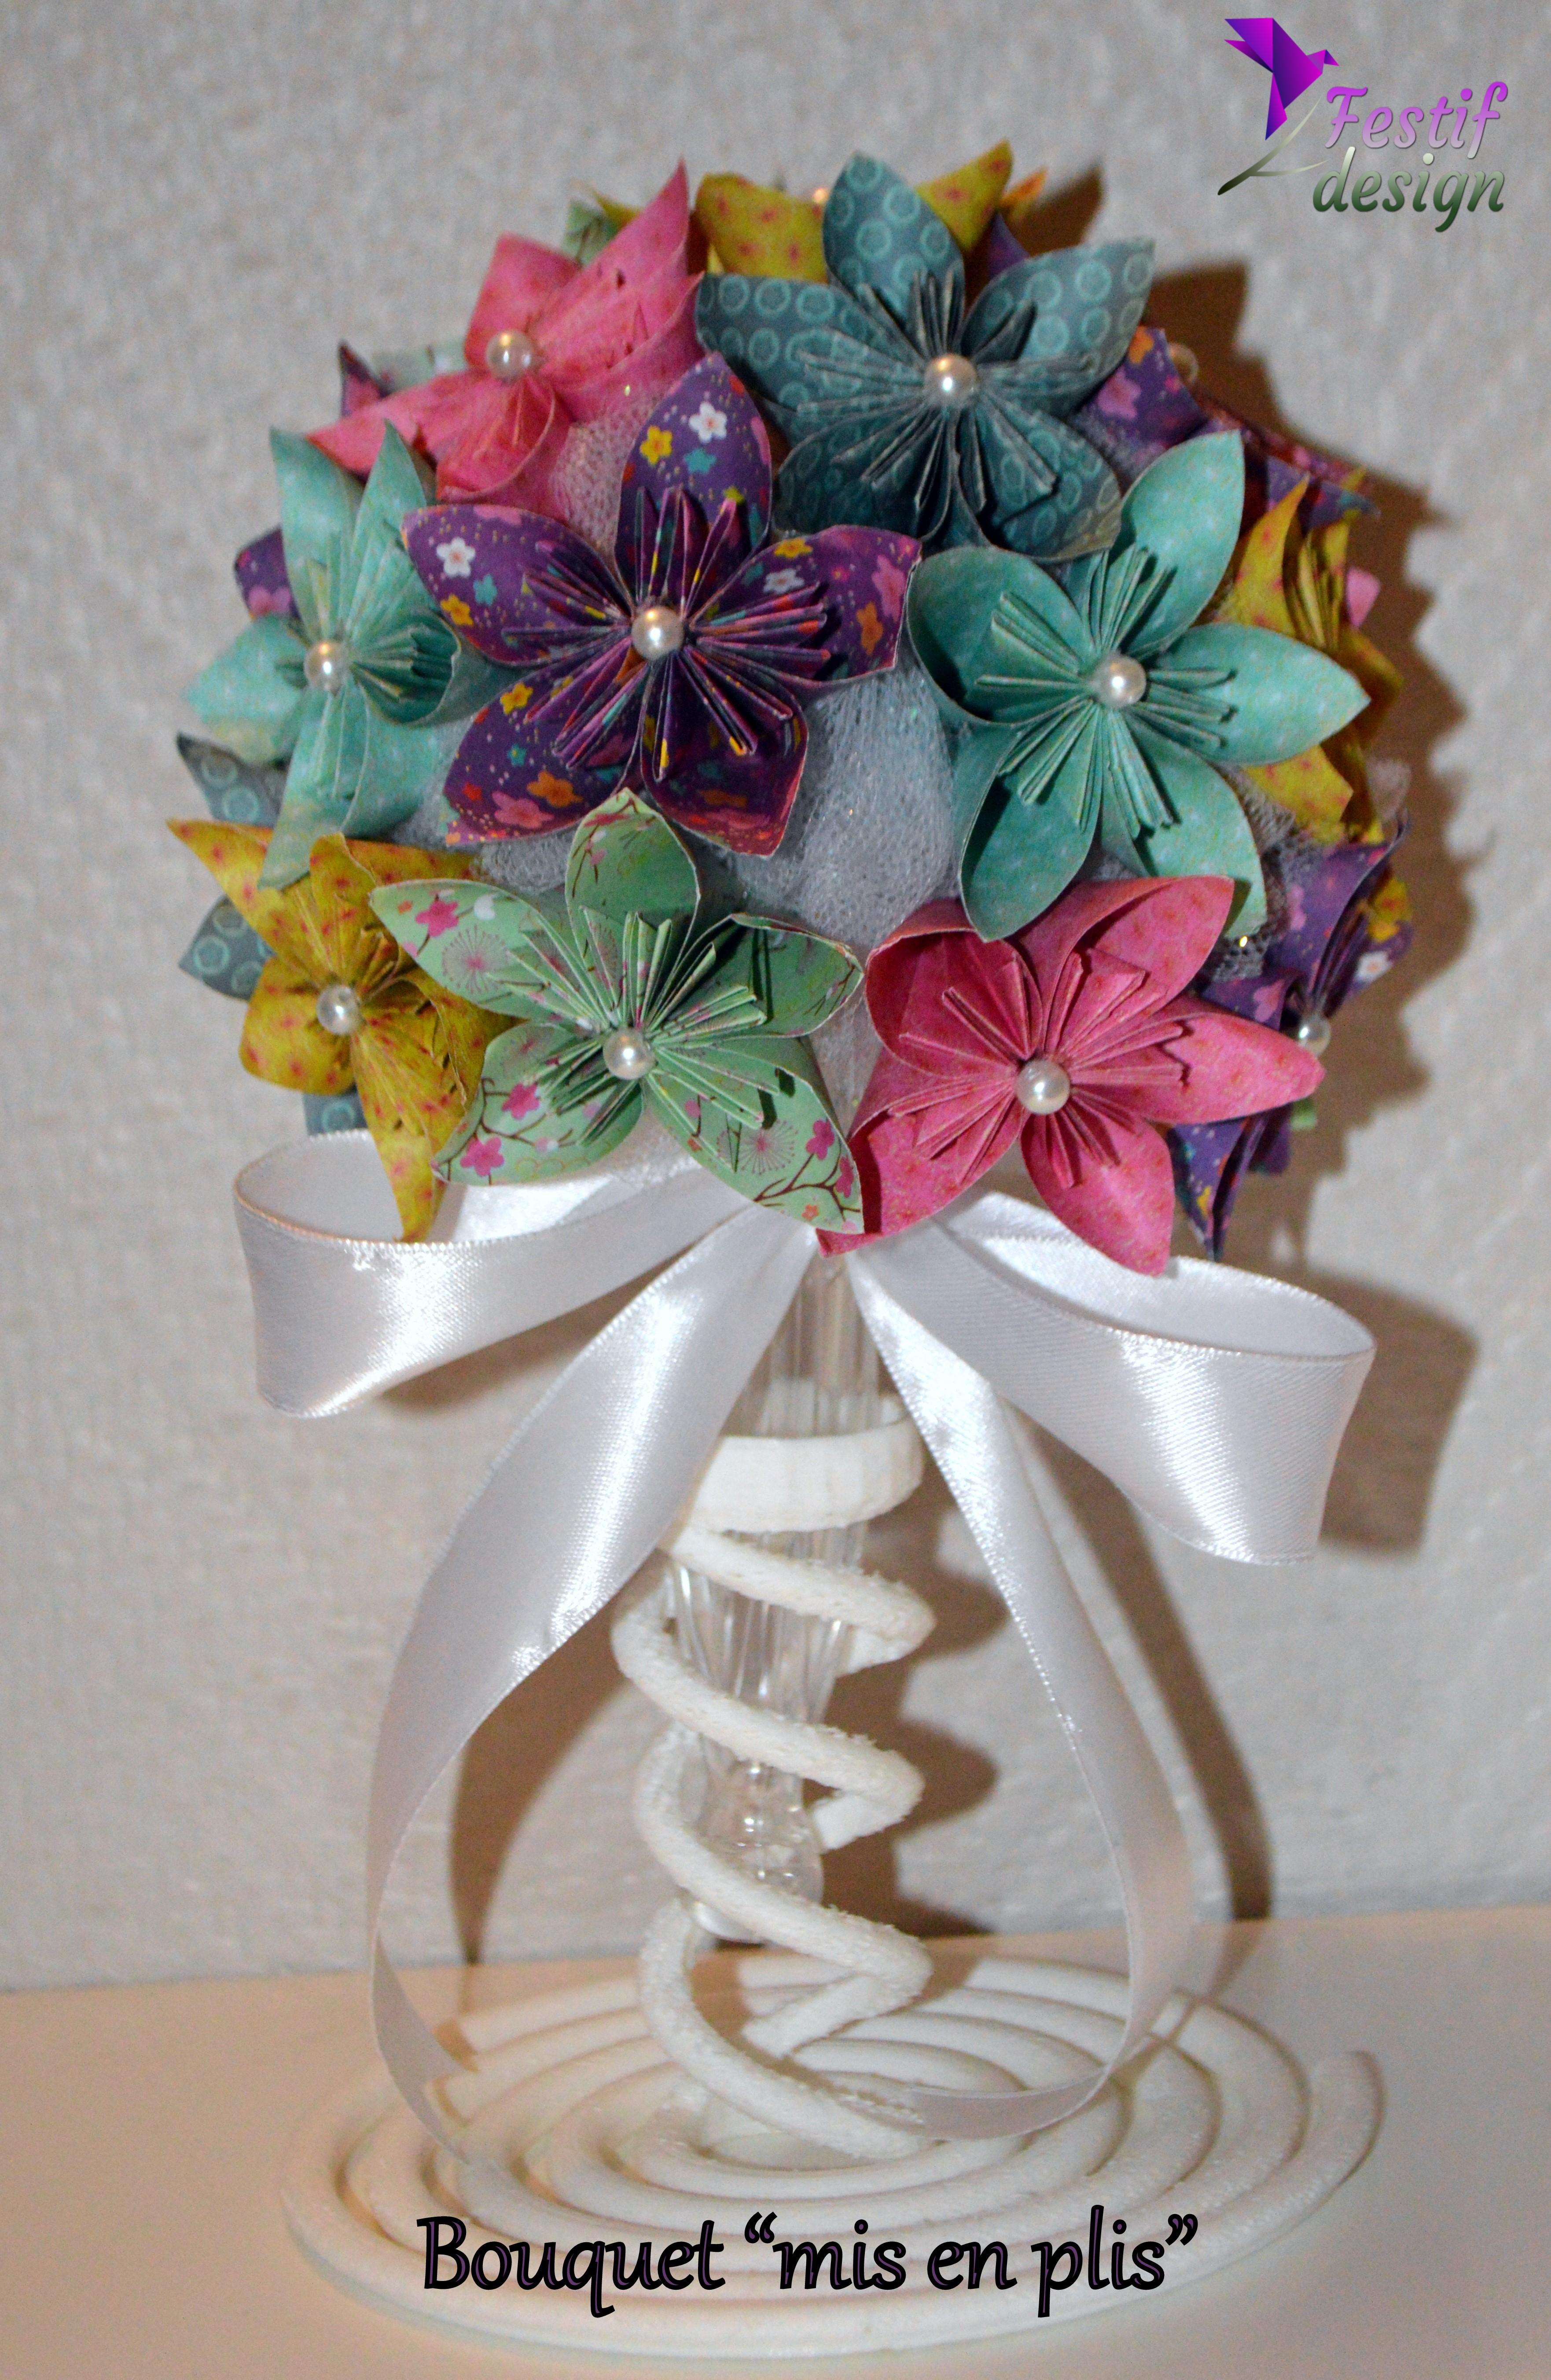 Bouquet mis en plis